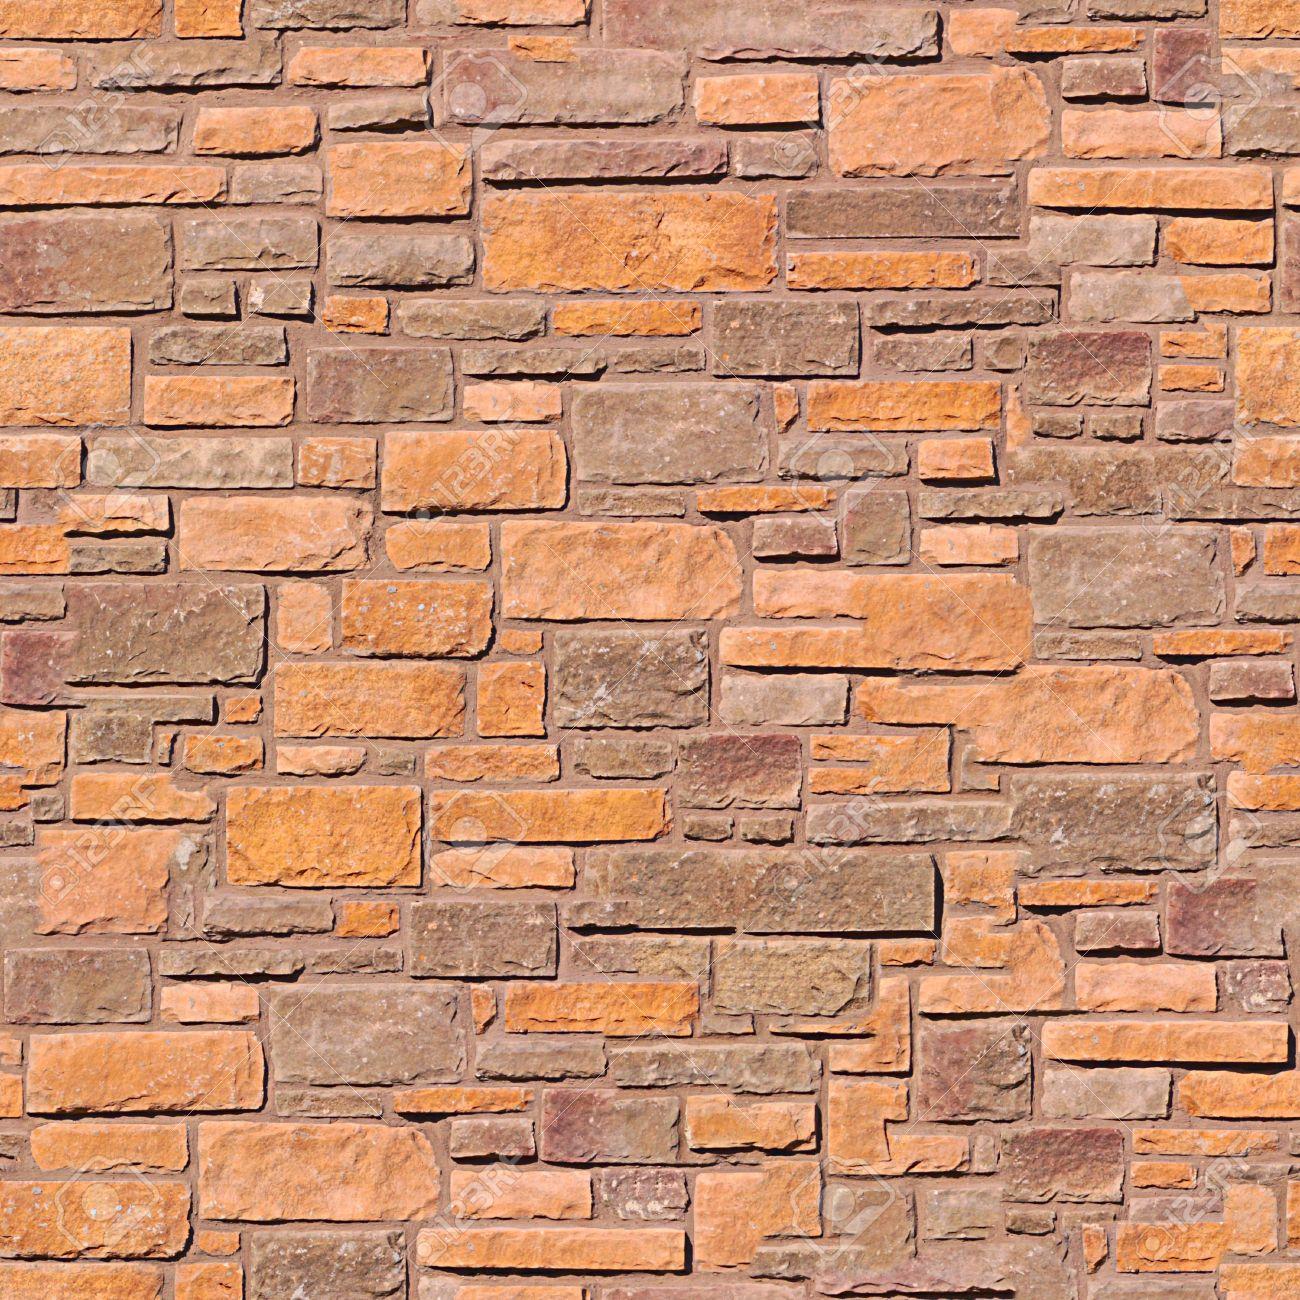 Brick wall seamless pattern. Stock Photo - 5444312